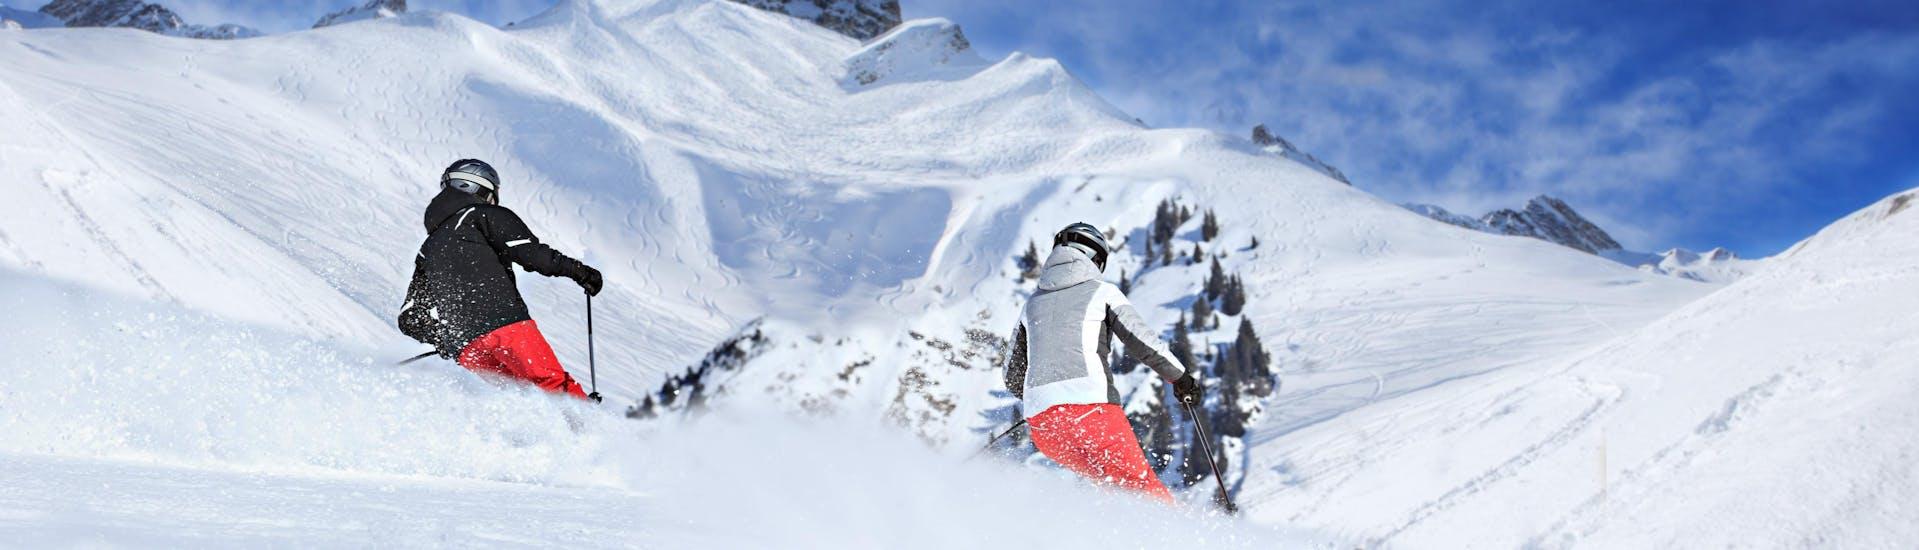 Tijdens een skiles met een skischool in Lech-Oberlech heb je een prachtig uitzicht op zonnige bergen.